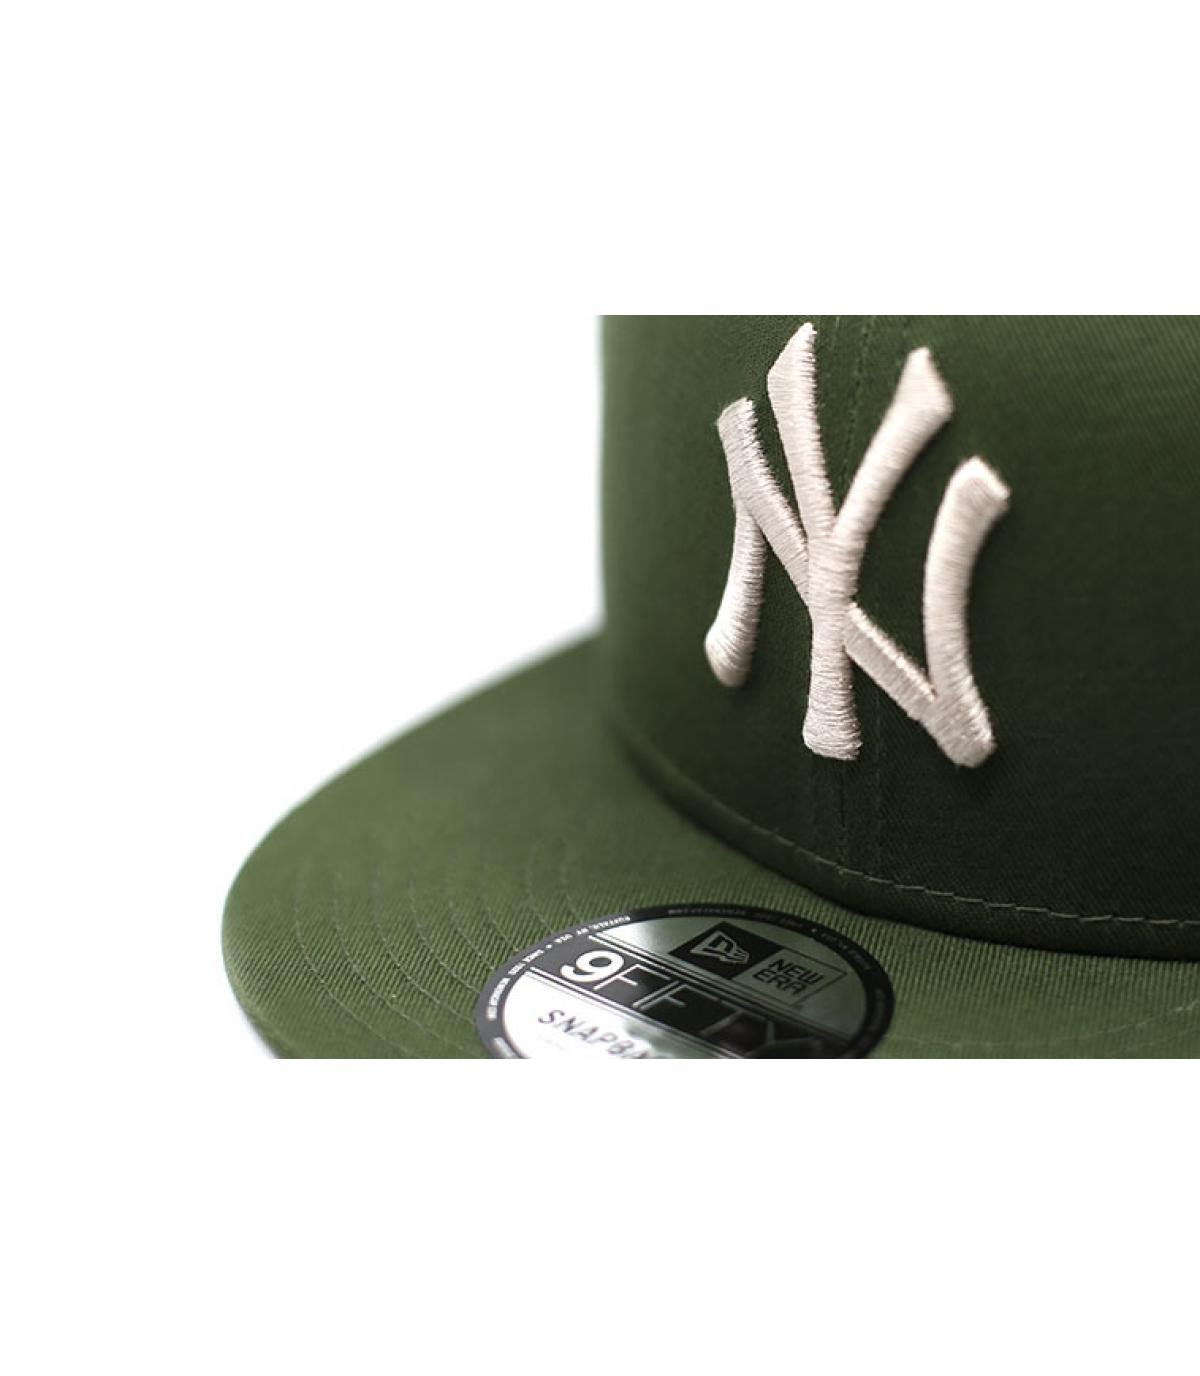 Details Snapback League Ess 9Fifty NY rifle green stone - Abbildung 3